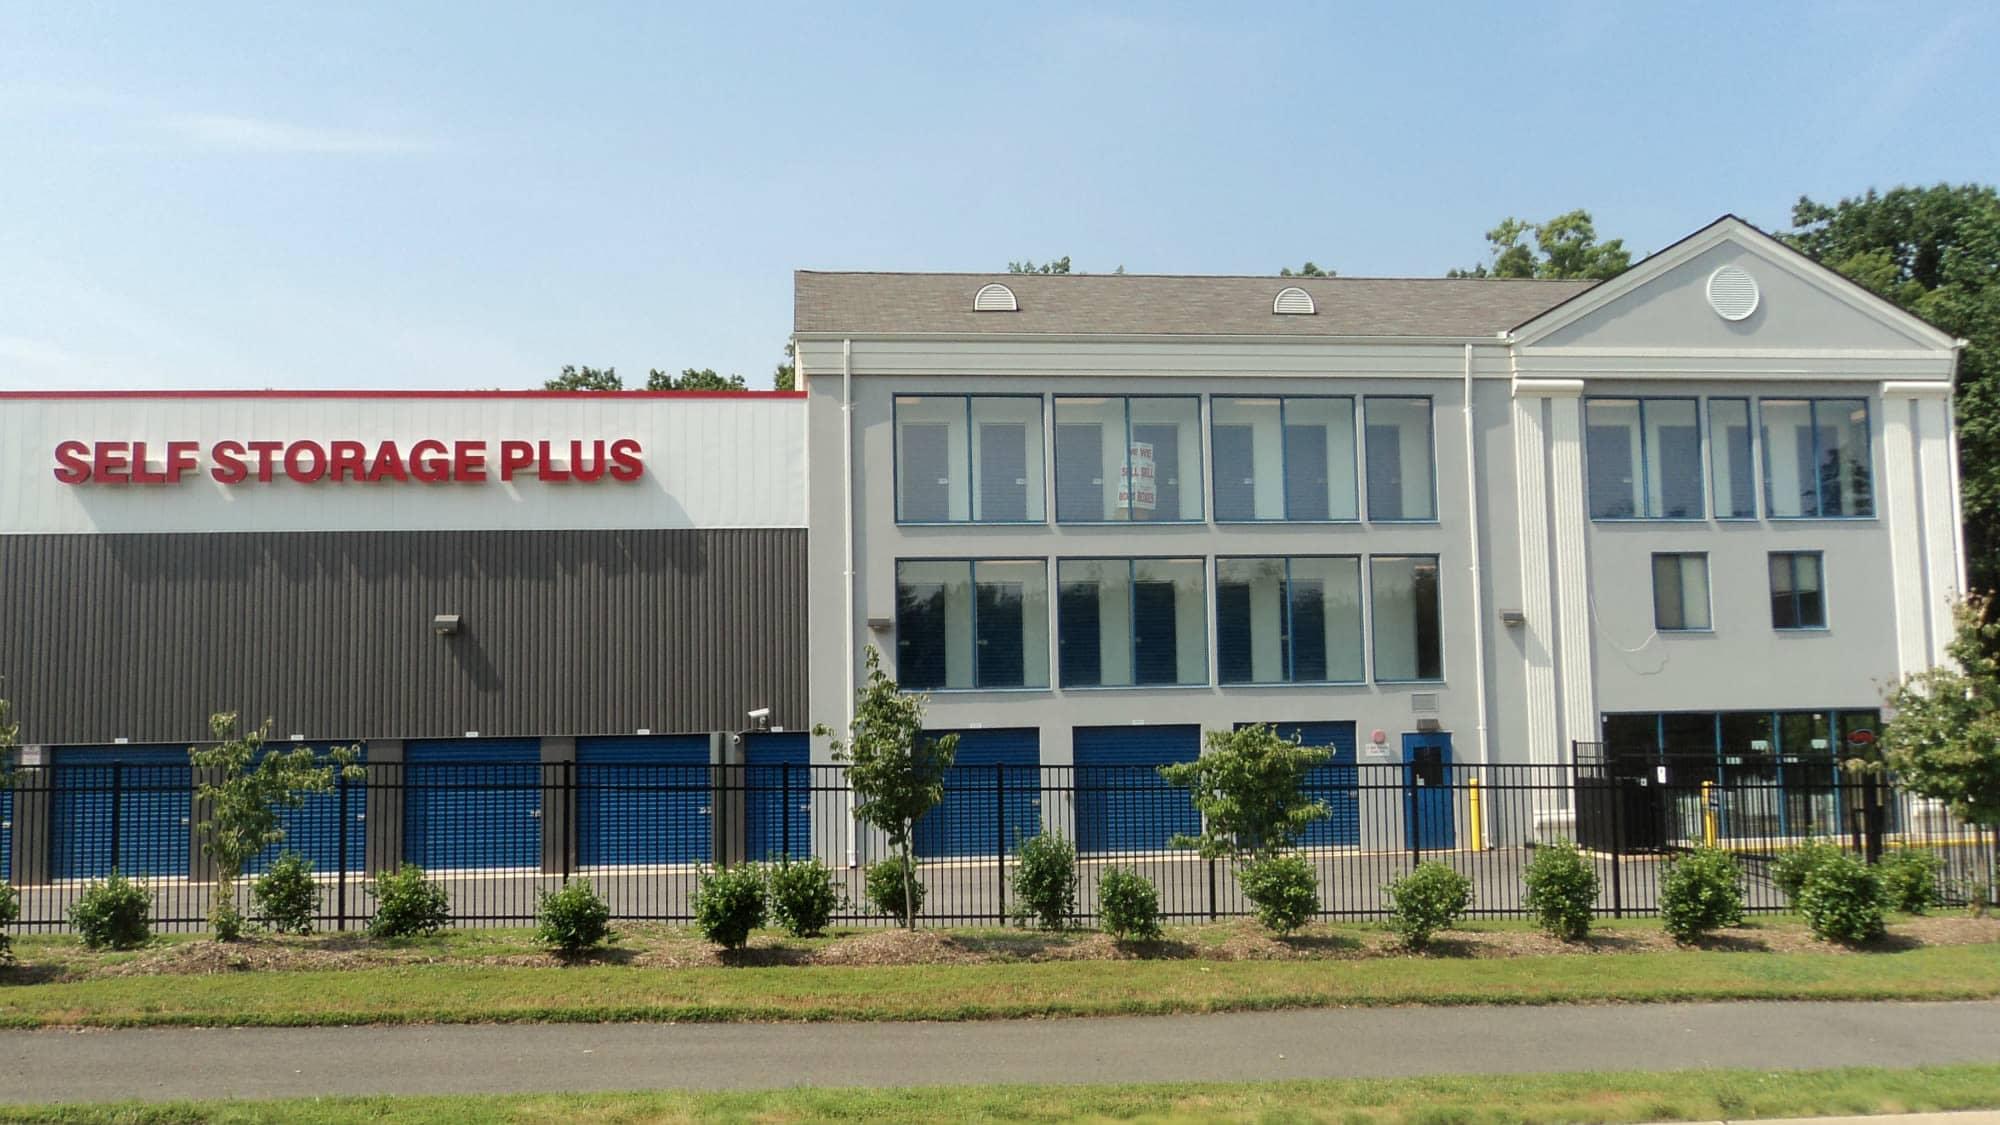 Exterior view of Self Storage Plus in Woodbridge, VA